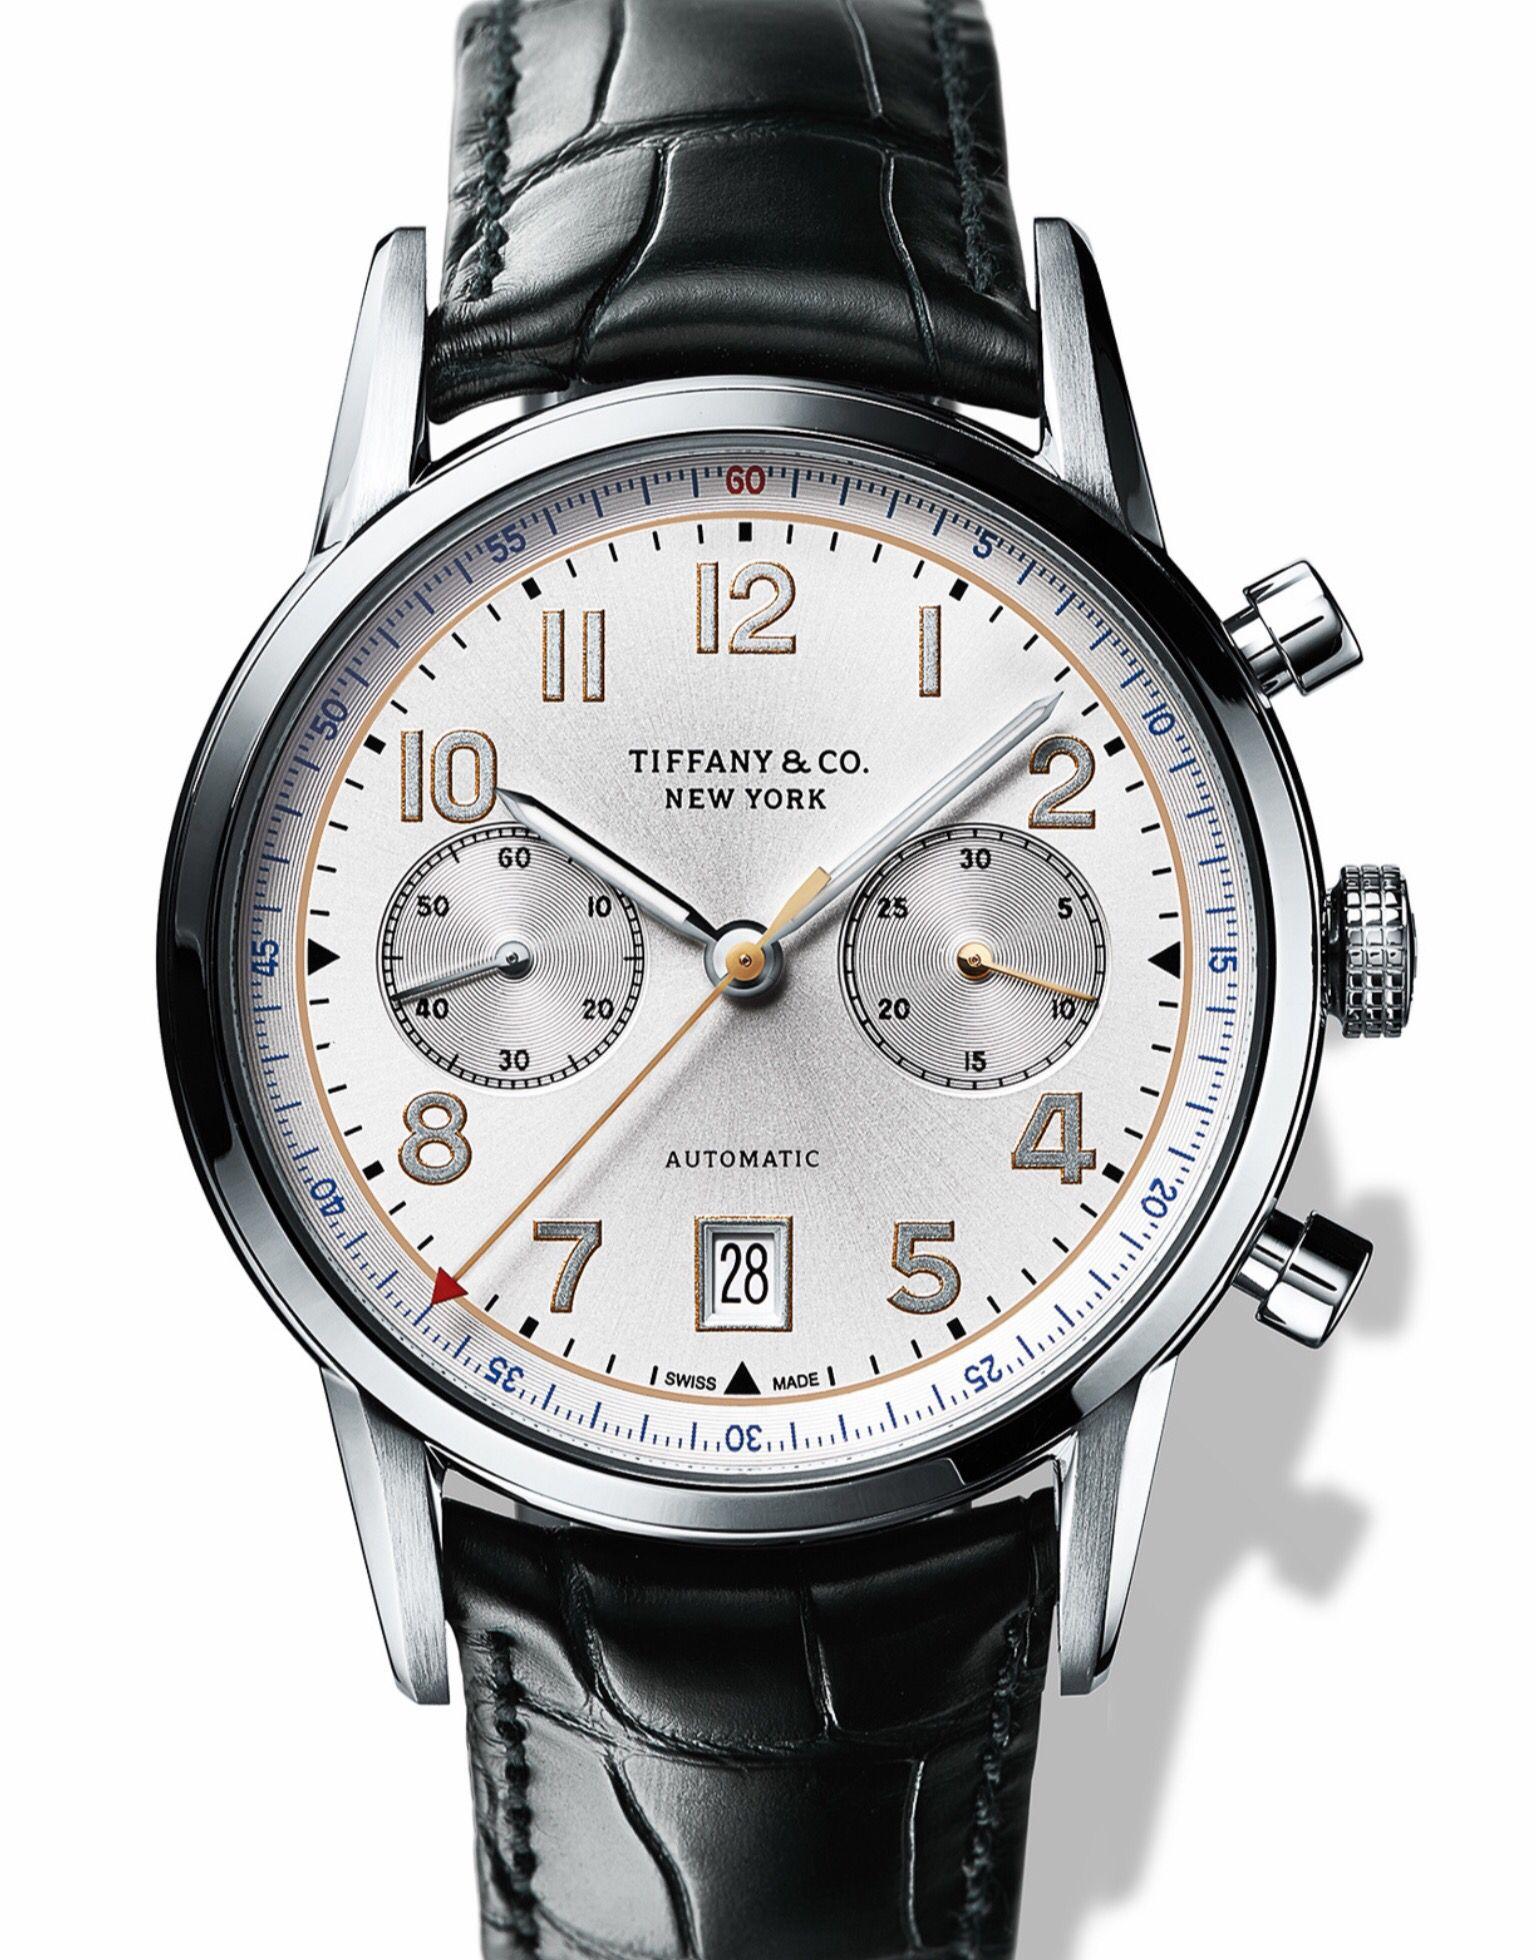 Tiffany & Co. CT60 Reloj, Relojes de lujo, Relog